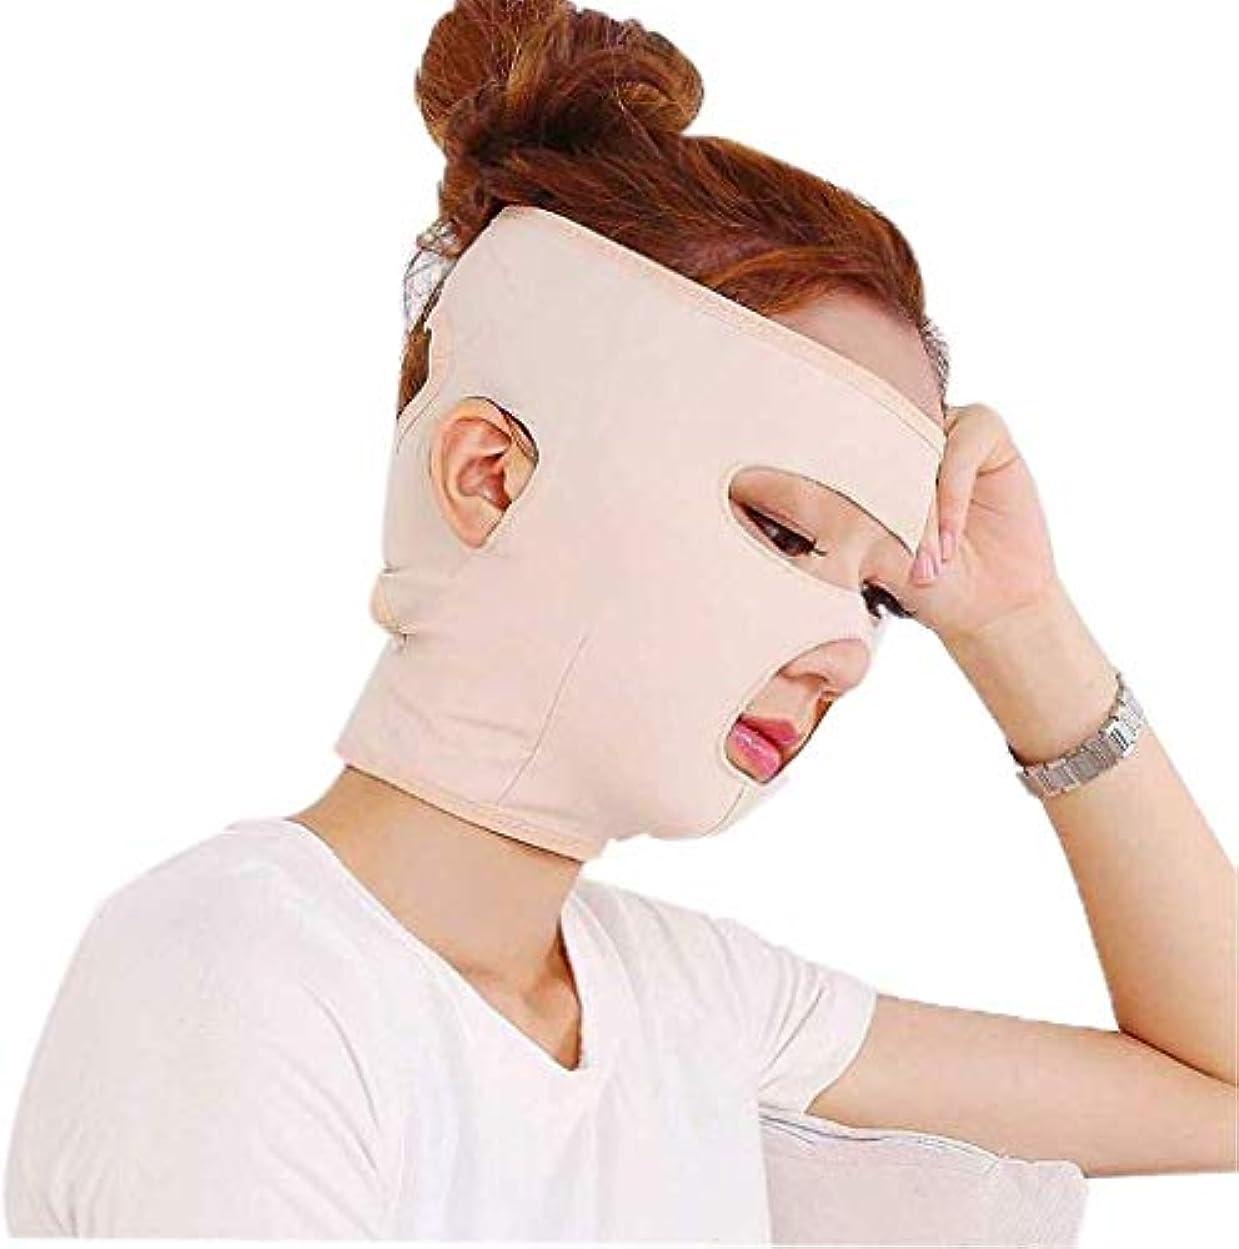 最も人口陰気美容と実用的なフェイスリフティングマスク、フルフェイス通気性の術後回復包帯リフティングファーミングスキンリダクションによる小さなVフェイスマスクの作成(サイズ:M)